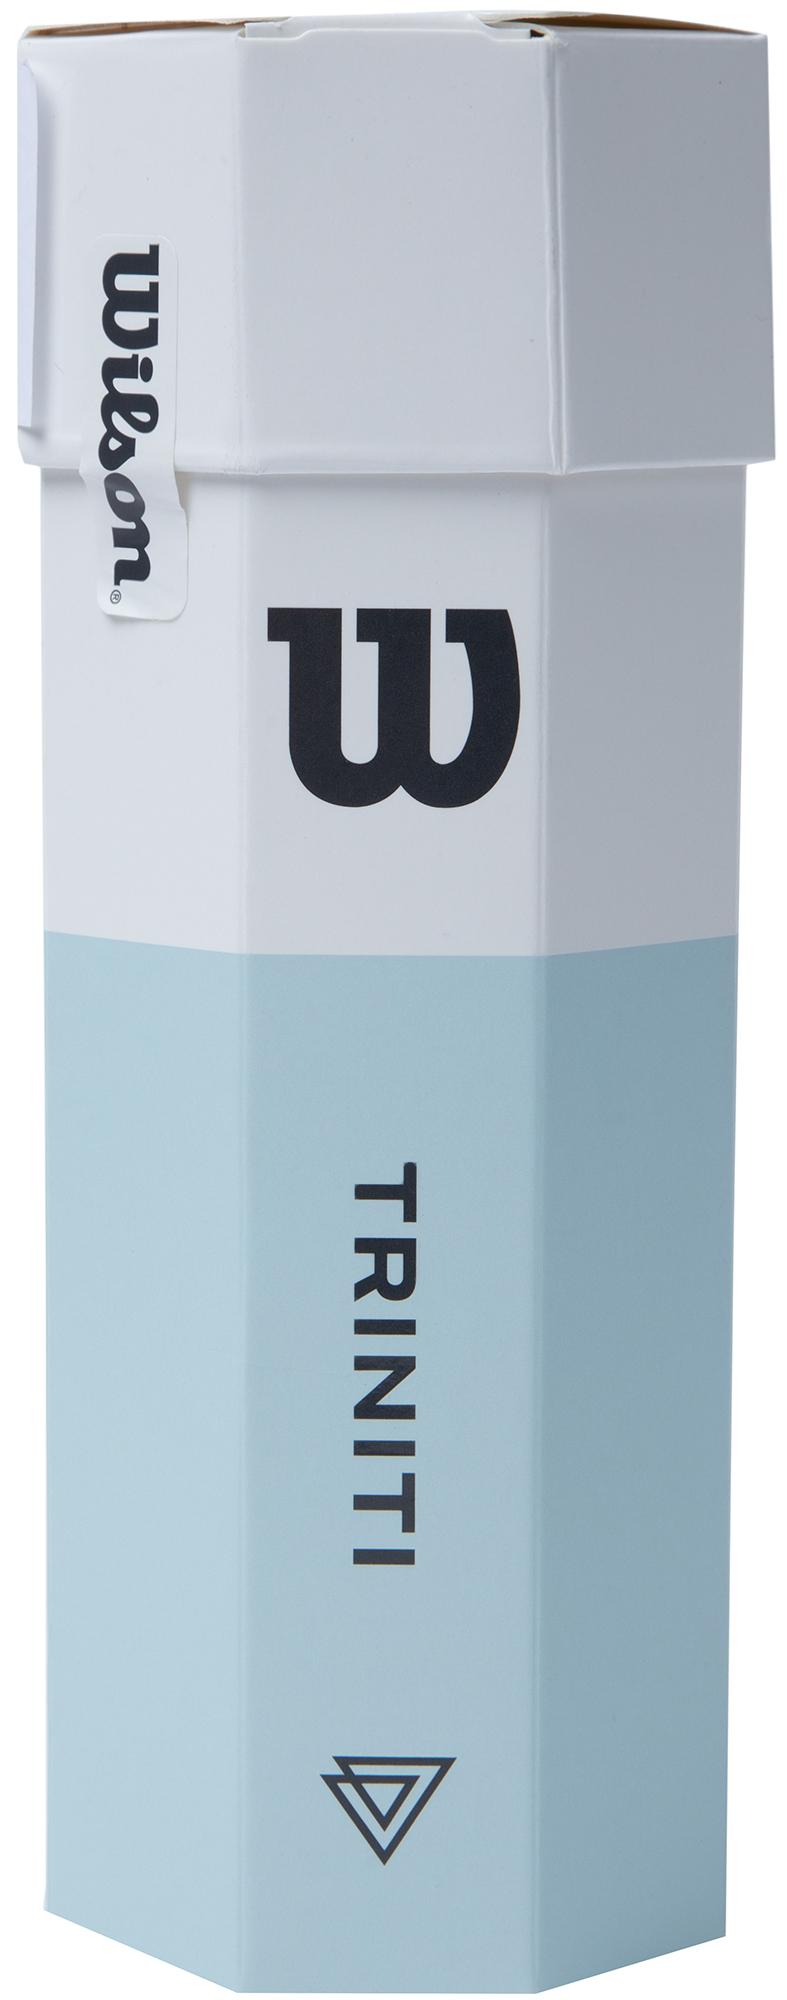 Wilson Набор мячей для большого тенниса TRINITI, 3 шт